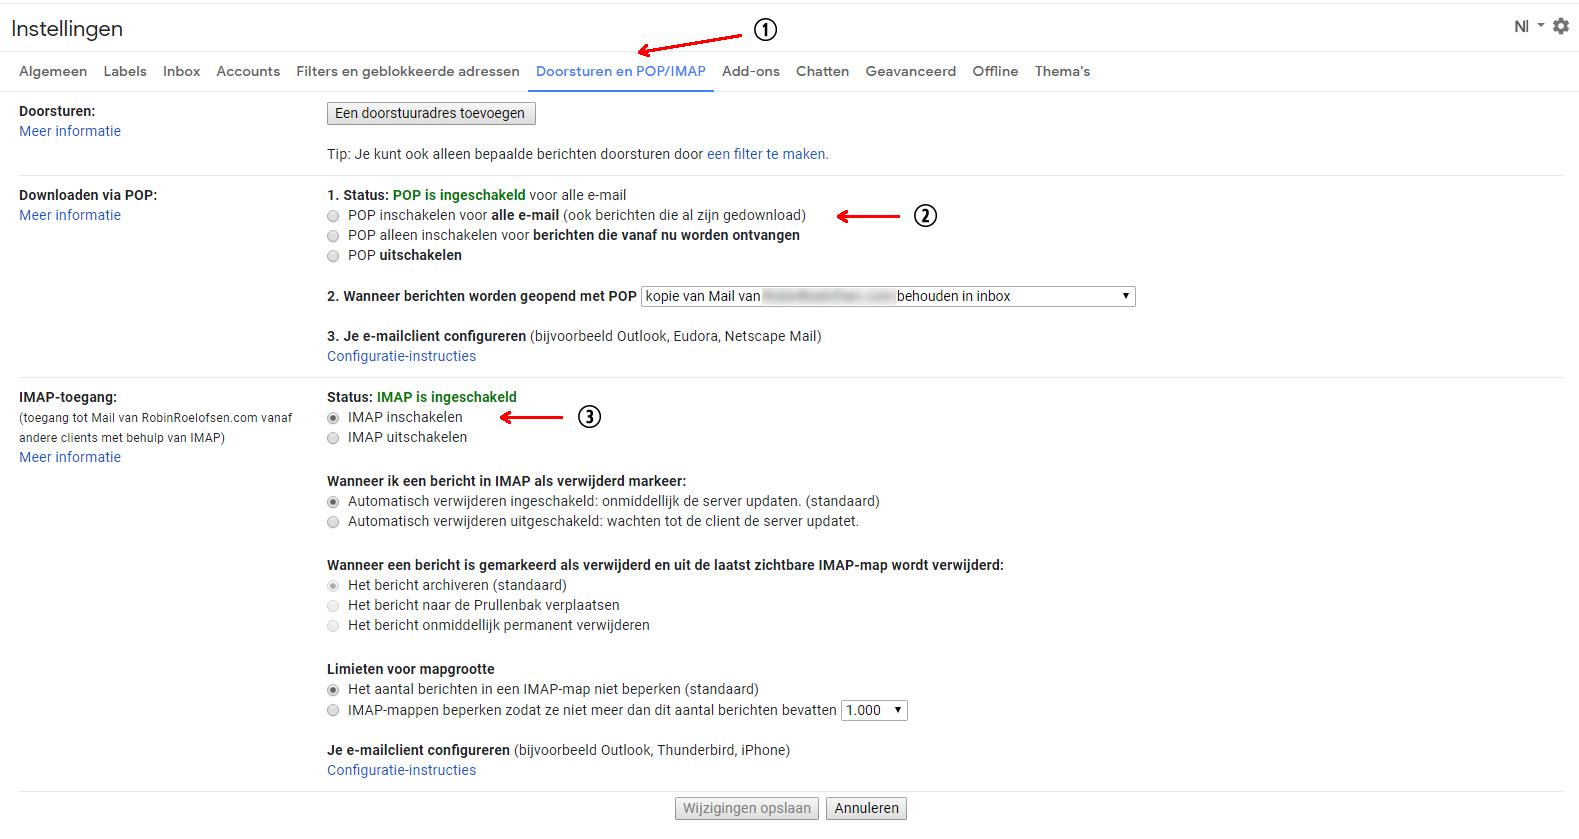 Tab Doorsturen en POP/IMAP bij Instellingen in Gmail